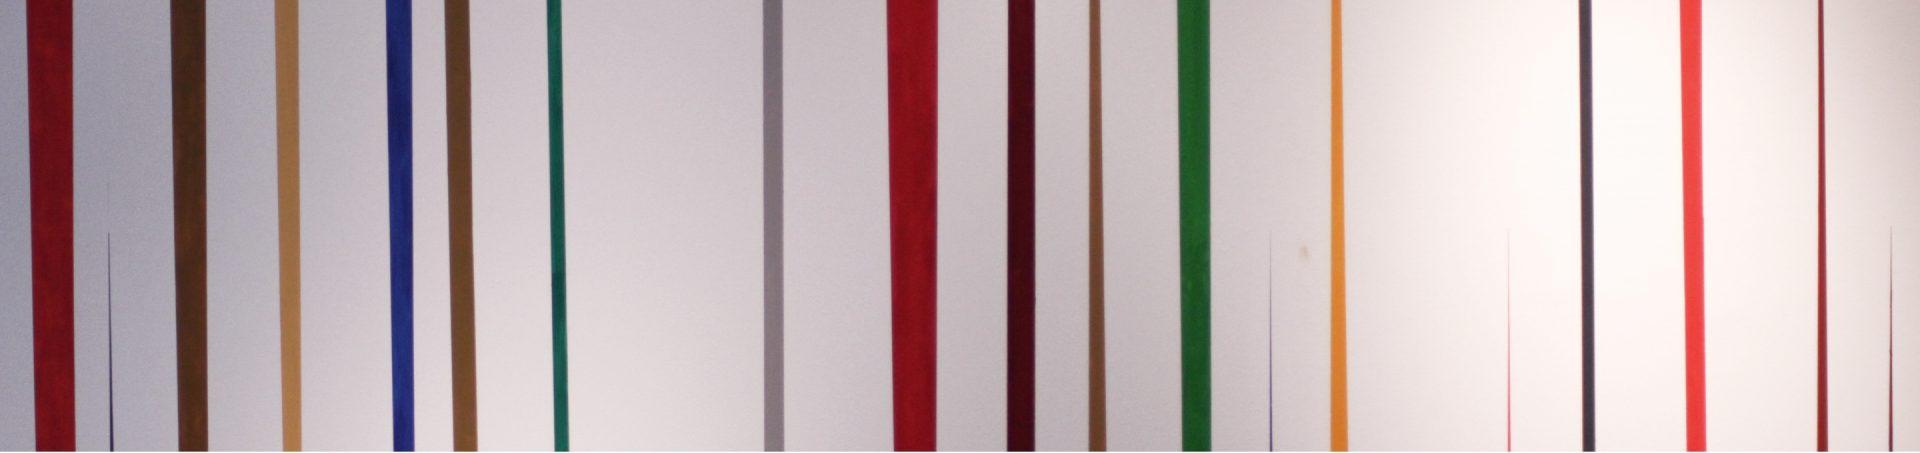 Des traits de couleur vertical